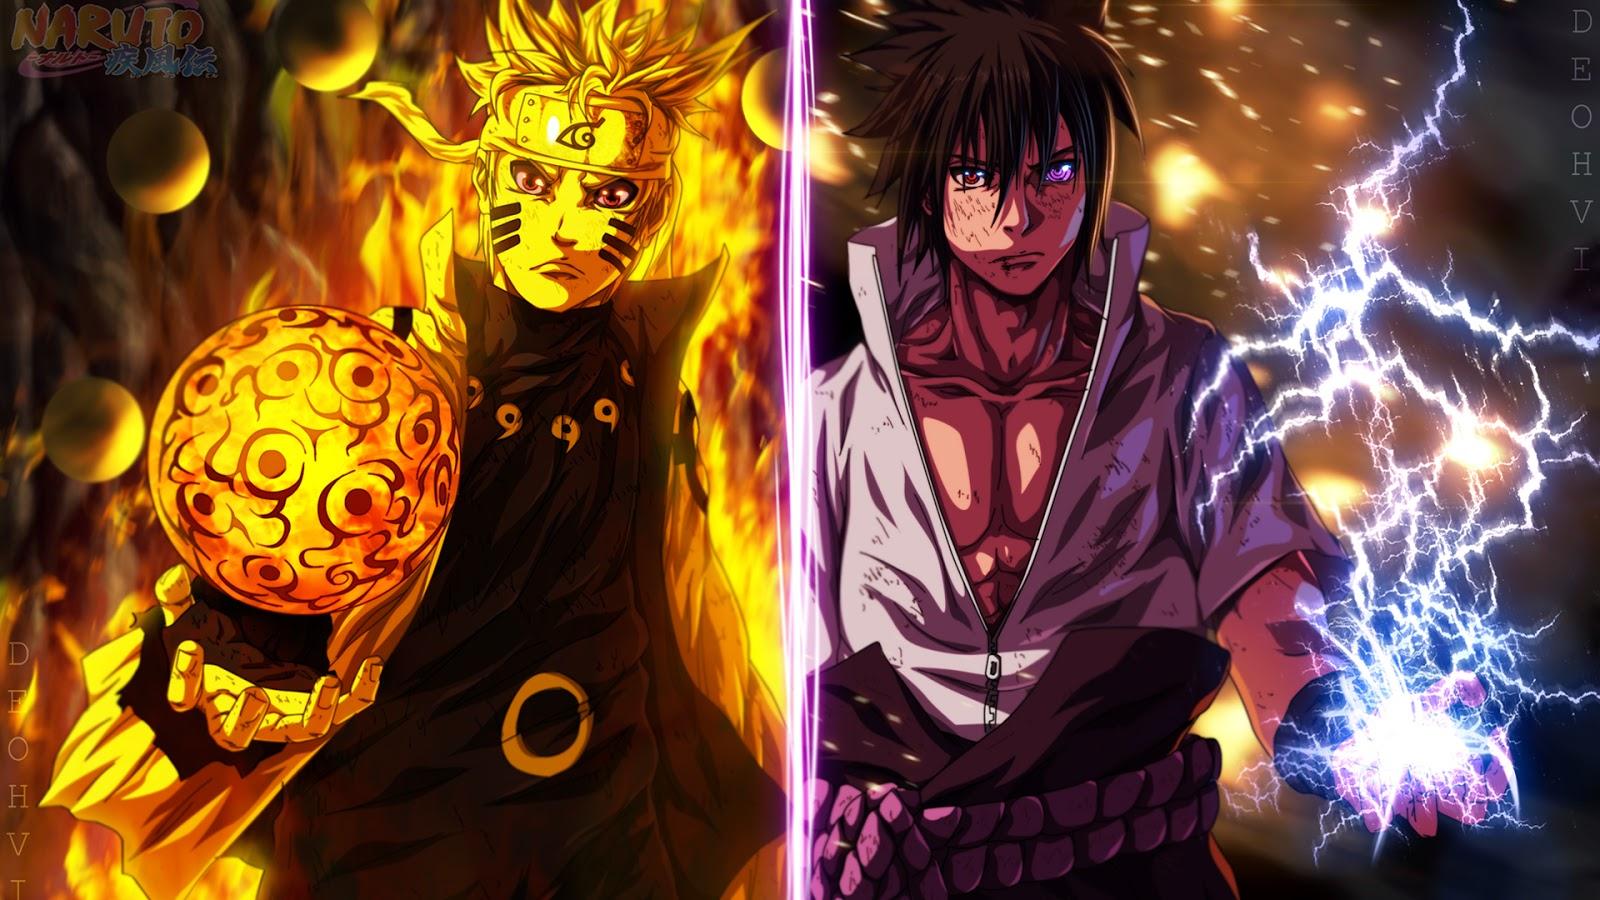 Fond D Ecran Naruto Vs Sasuke Fonds D Ecran Hd